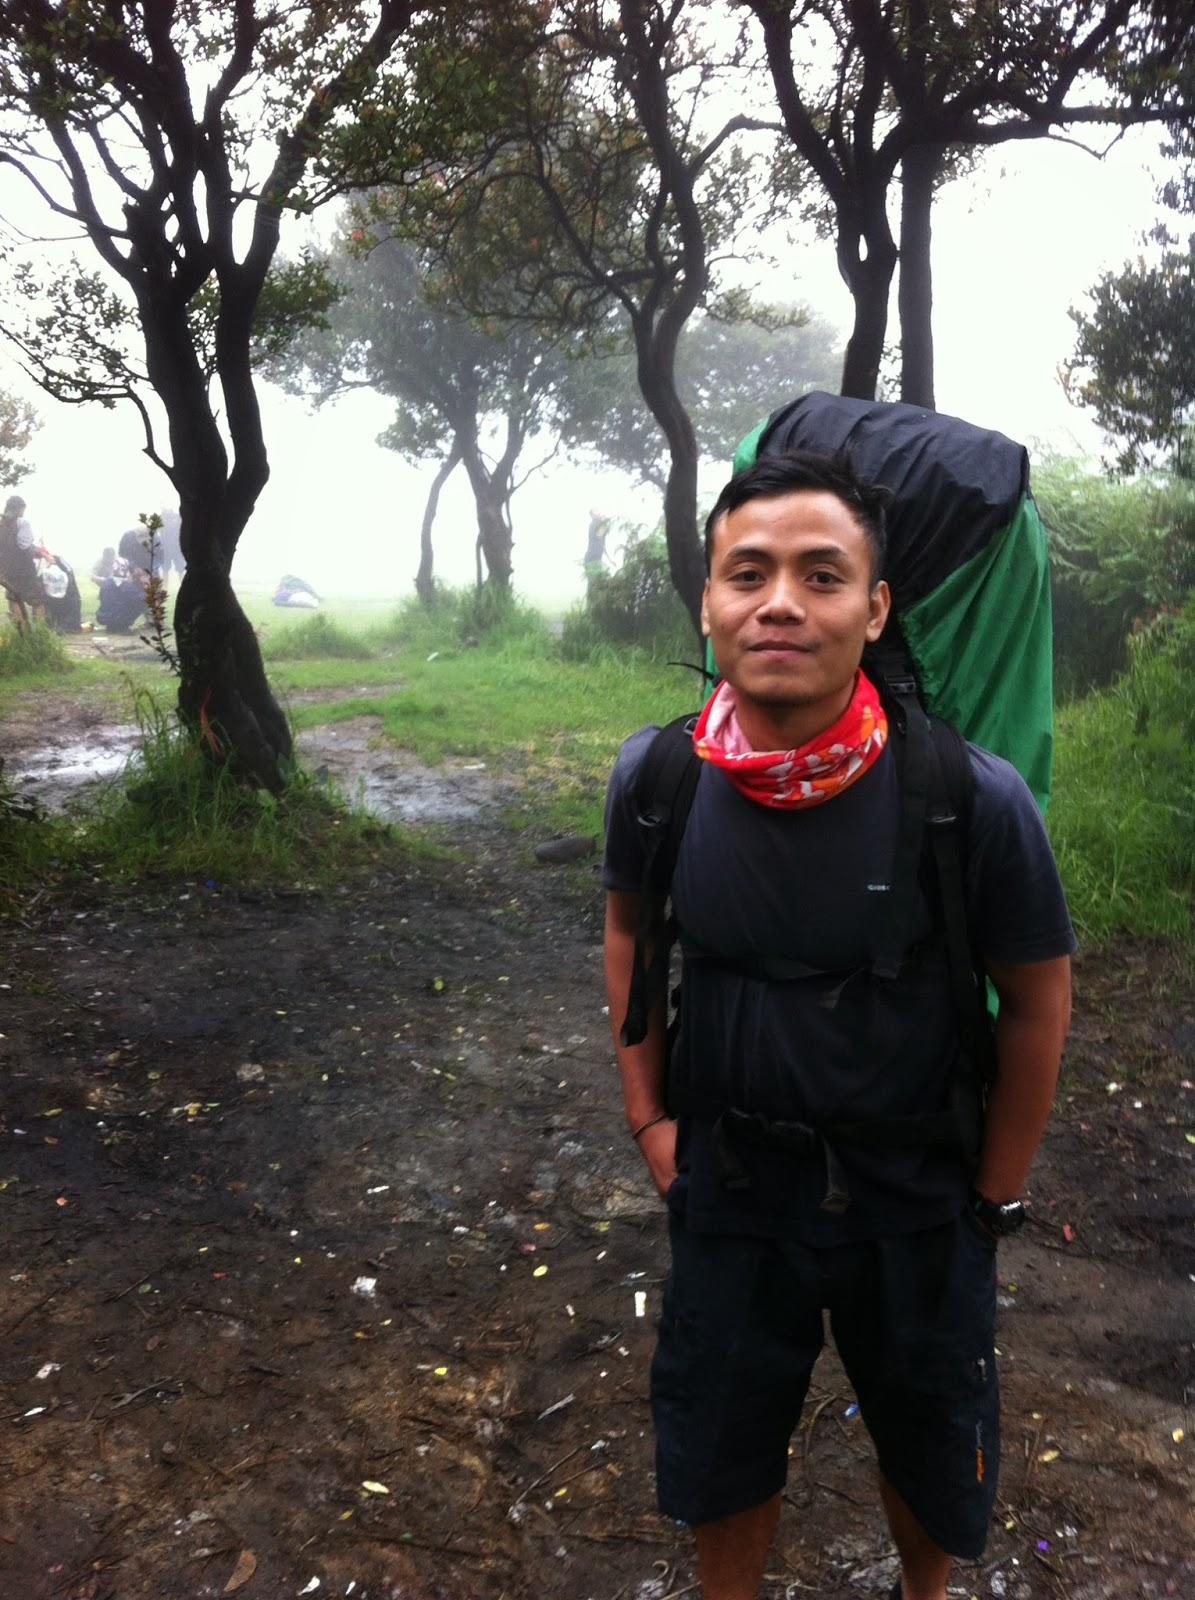 Peralatan Mendaki Gunung Jalan Pendaki